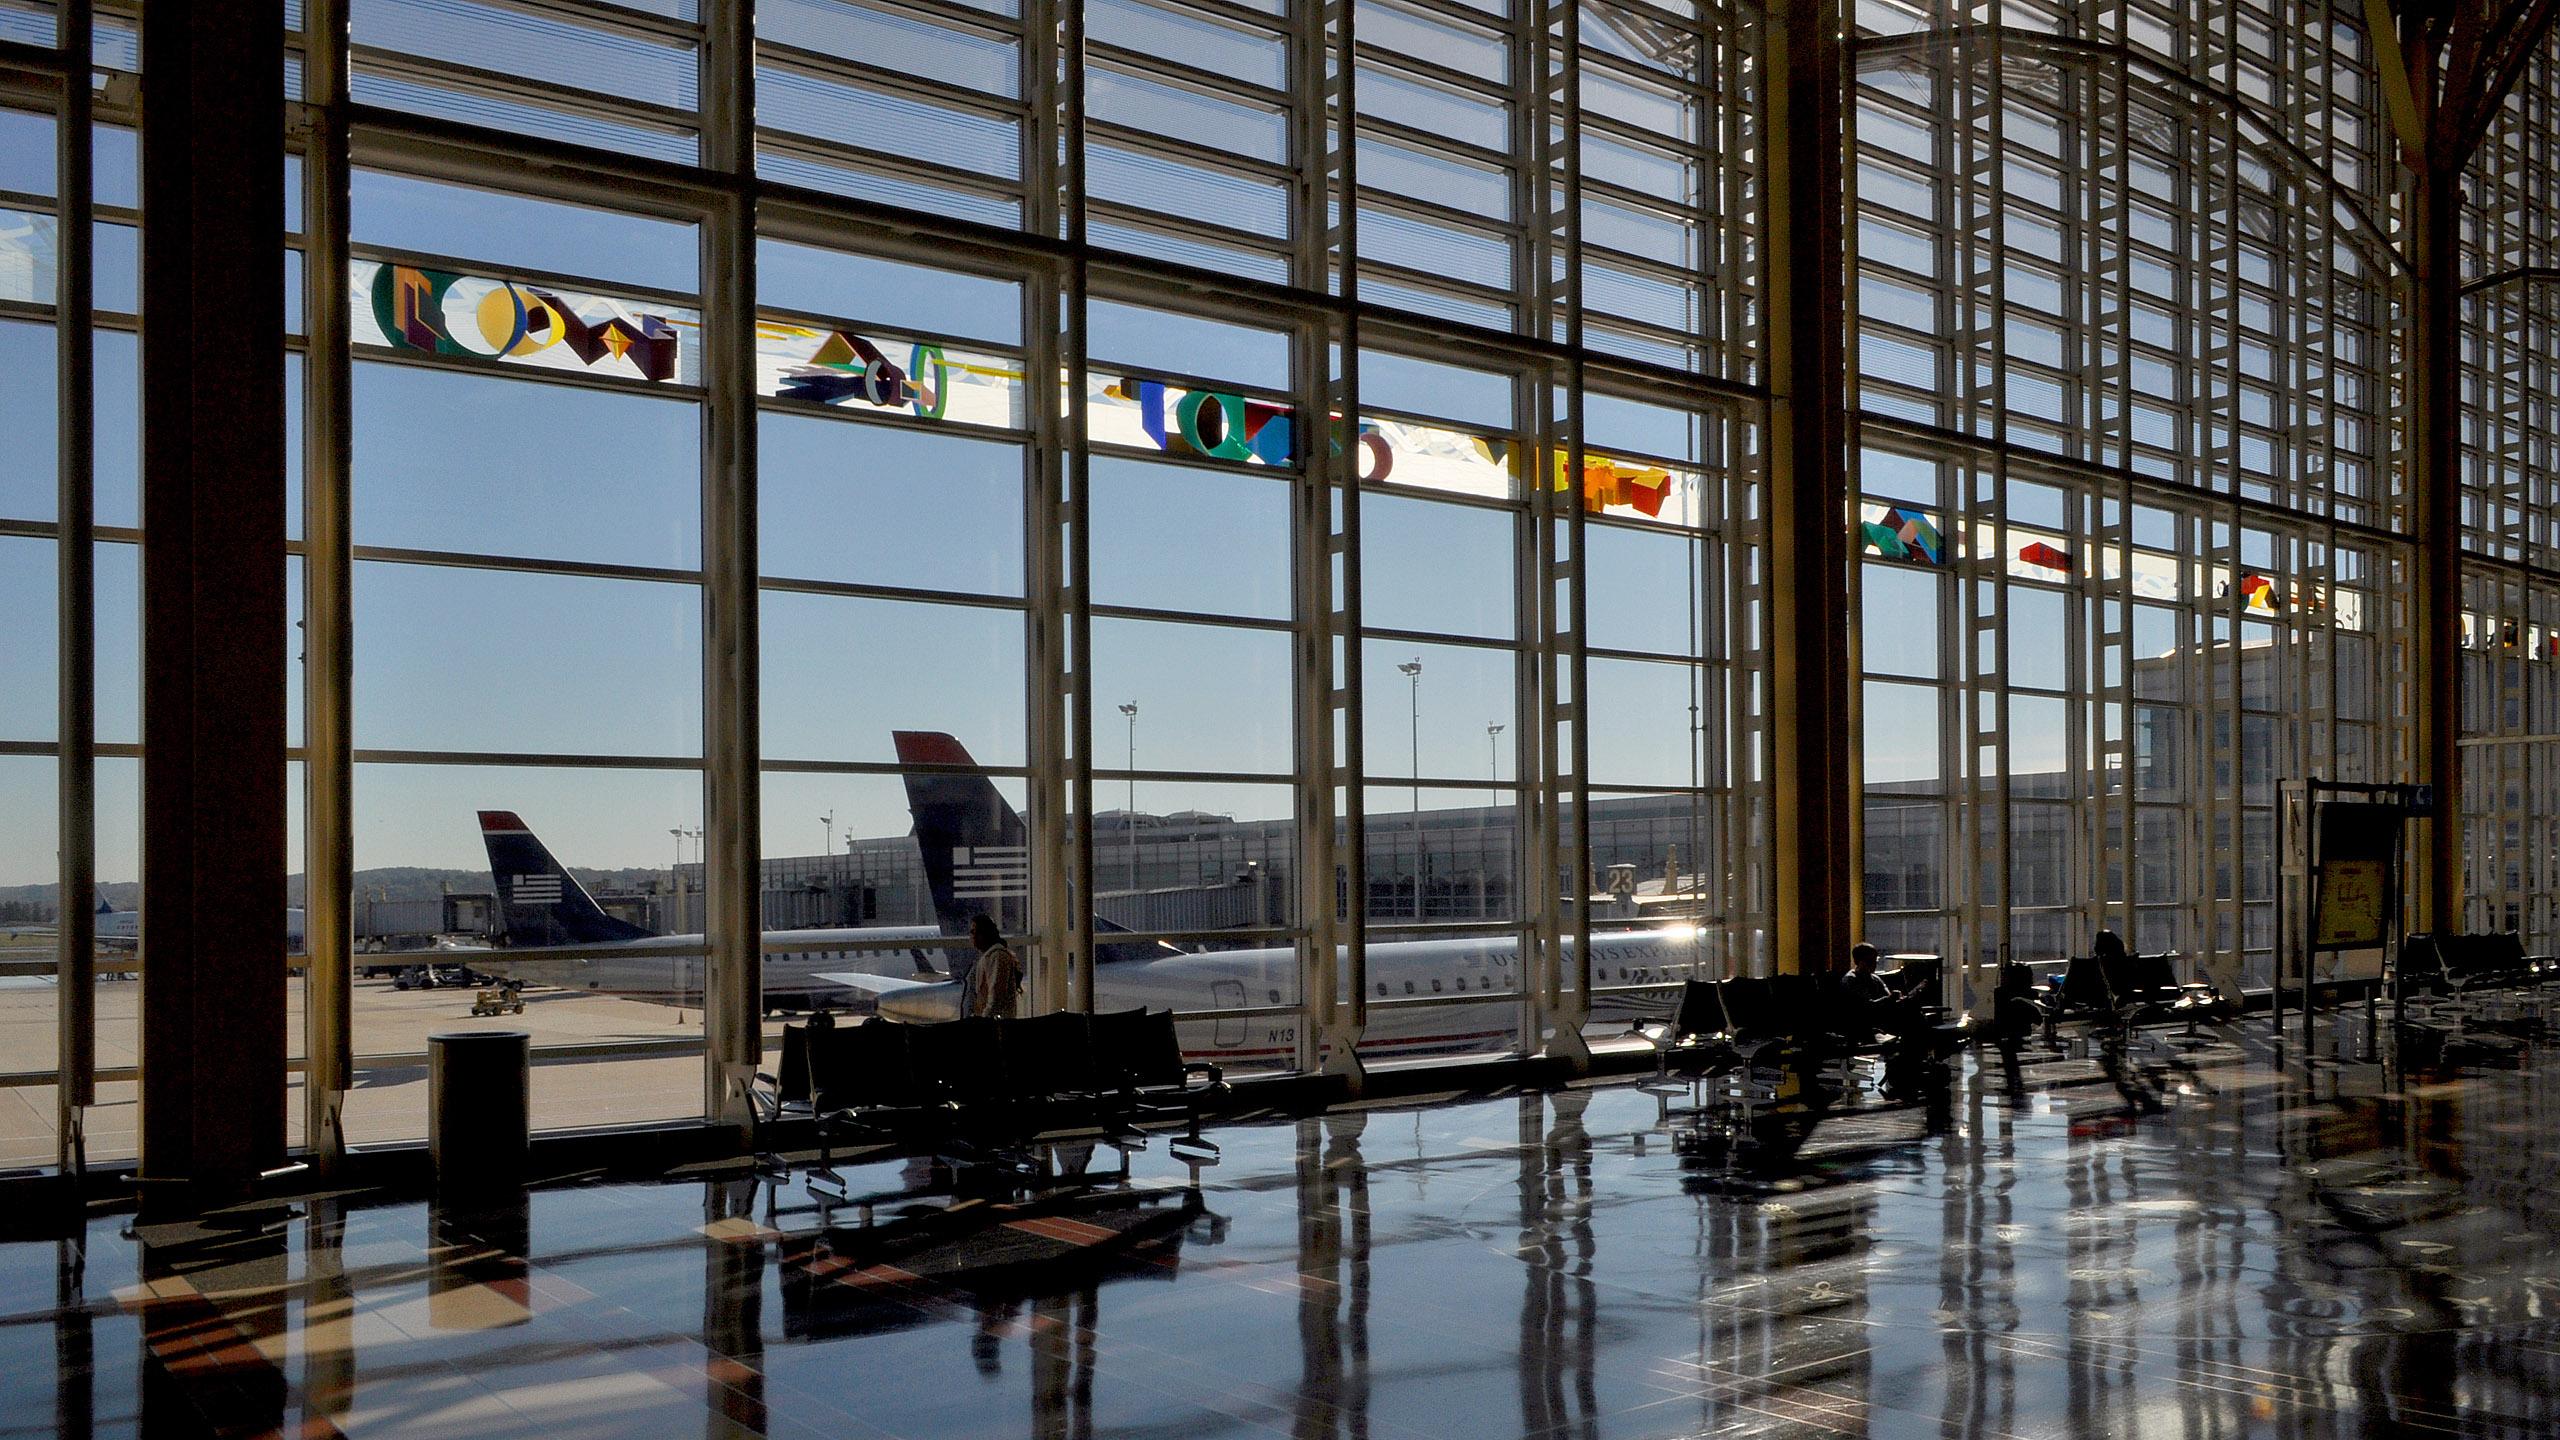 North Terminal at Reagan Washington National Airport / image 2